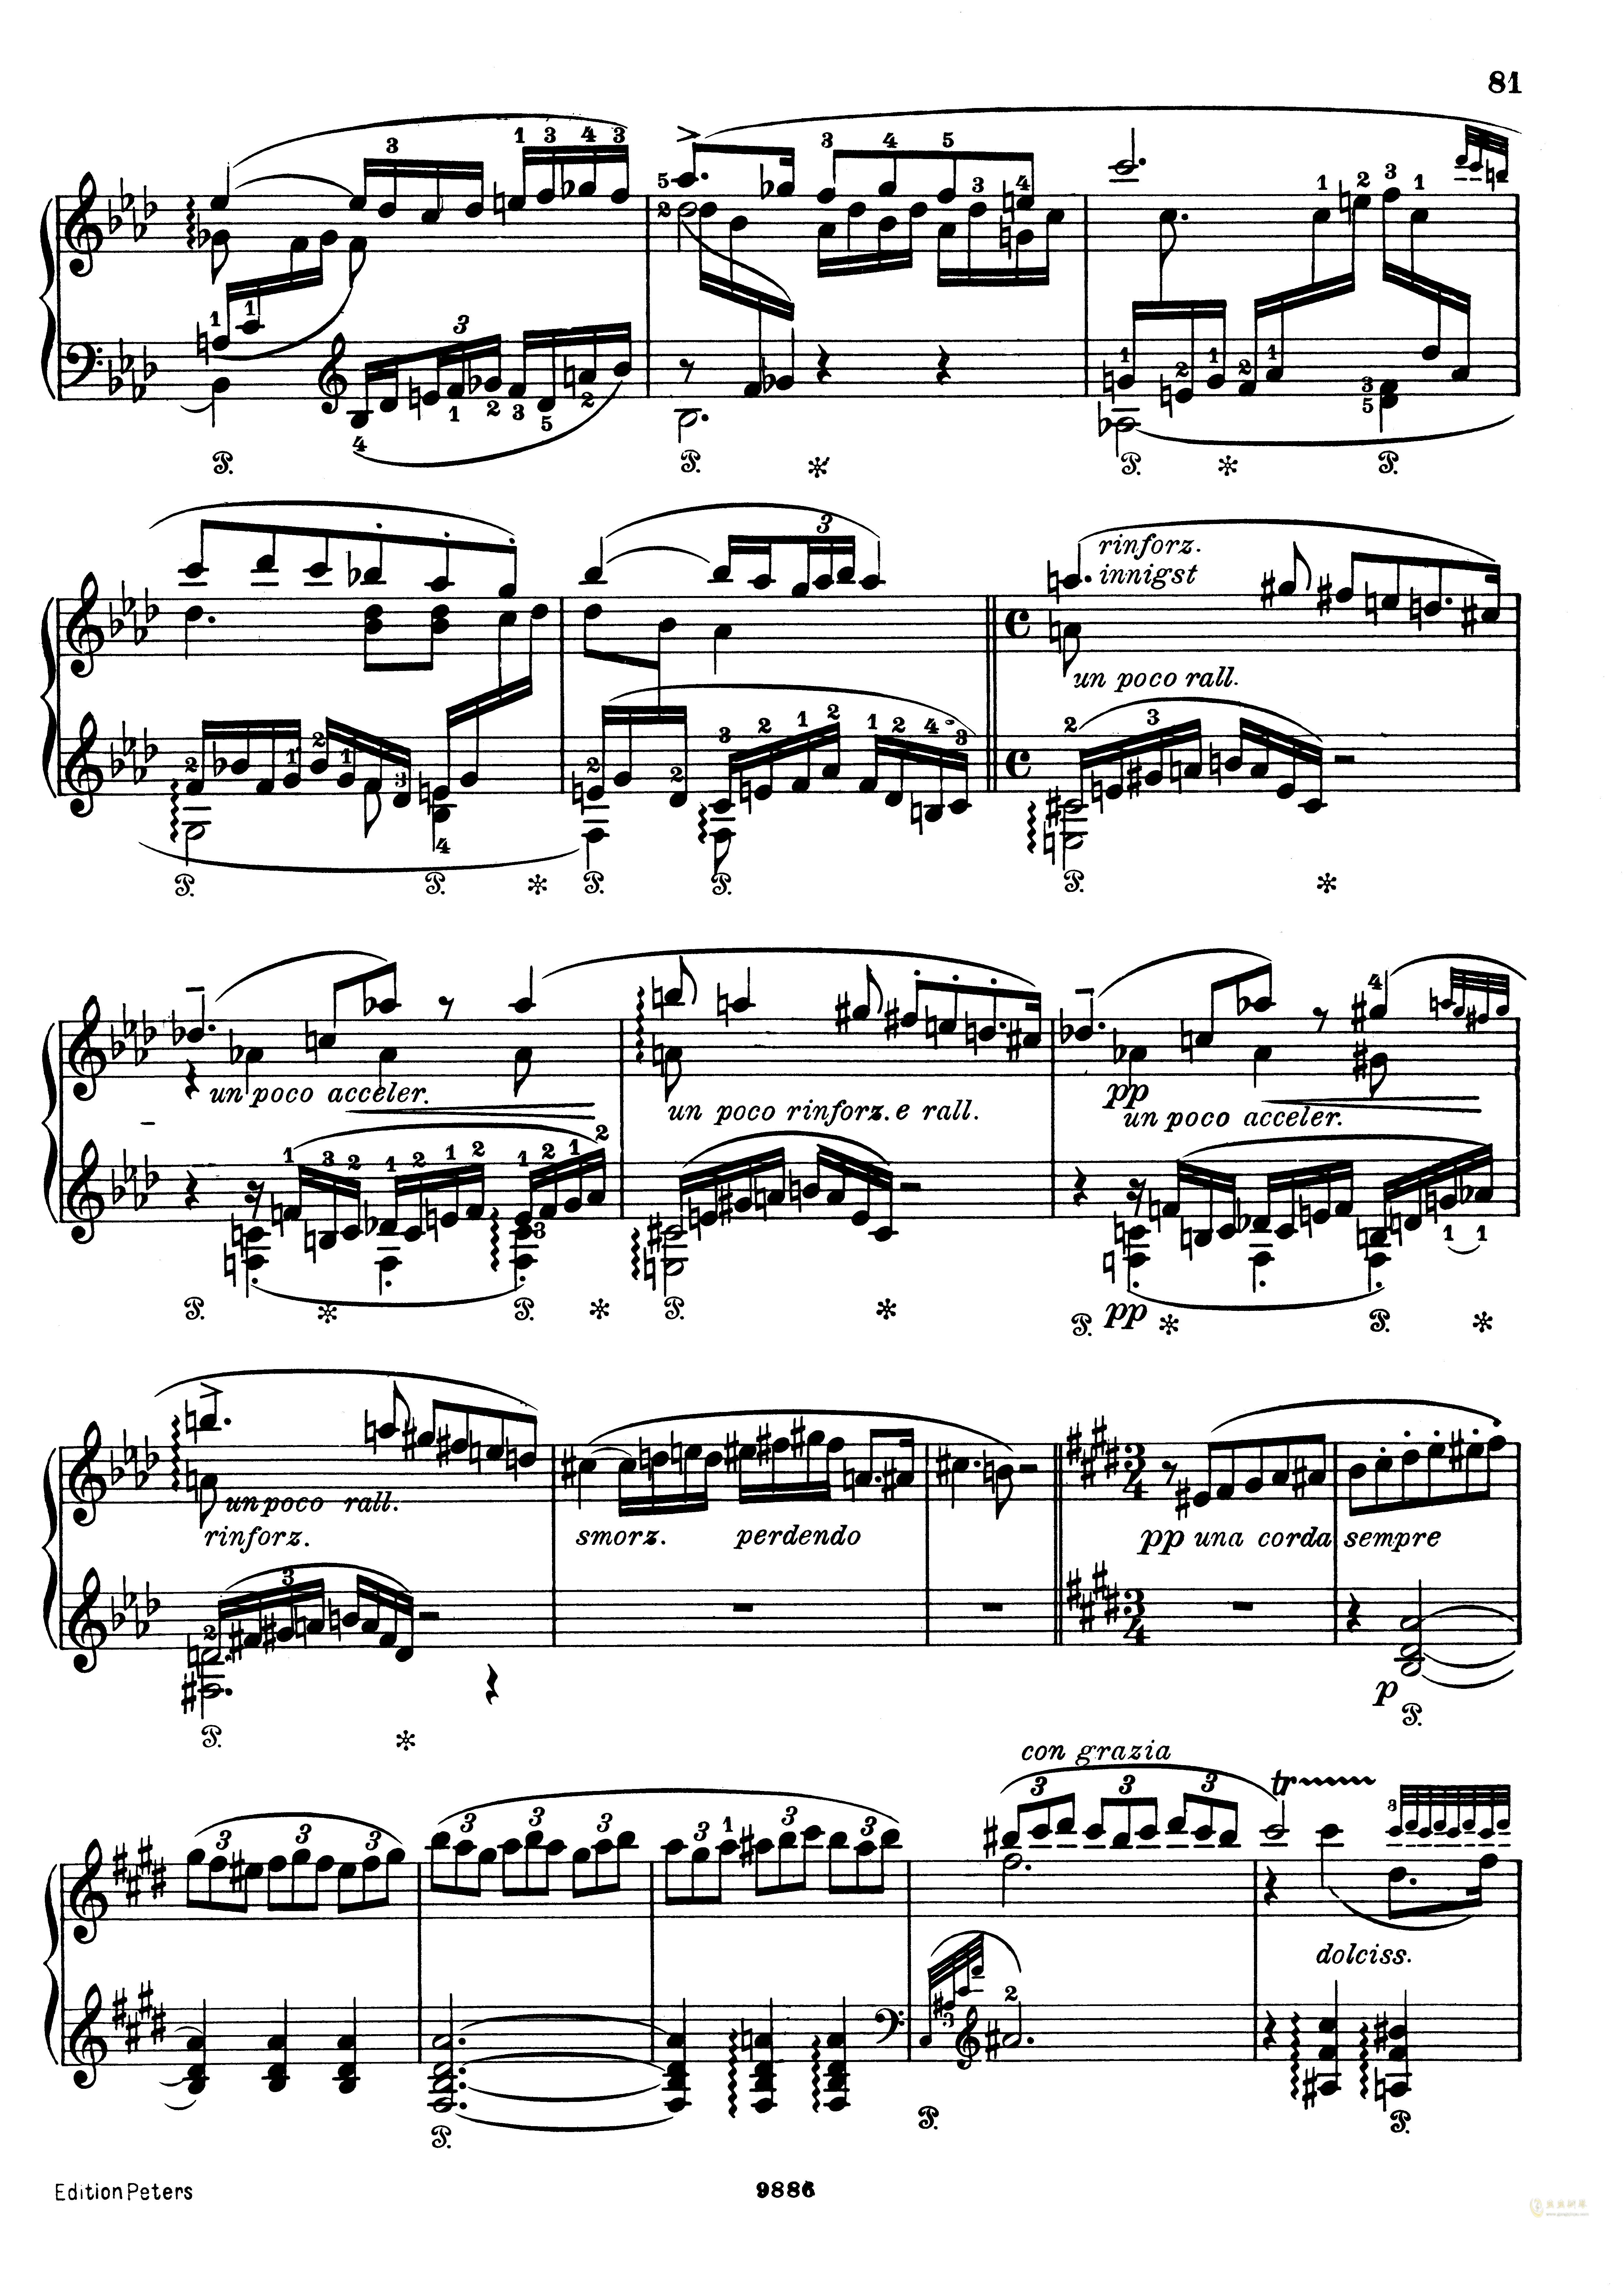 李斯特 浮士德交响曲 S.108 第二乐章,李斯特 浮士德交响曲 S.108 第